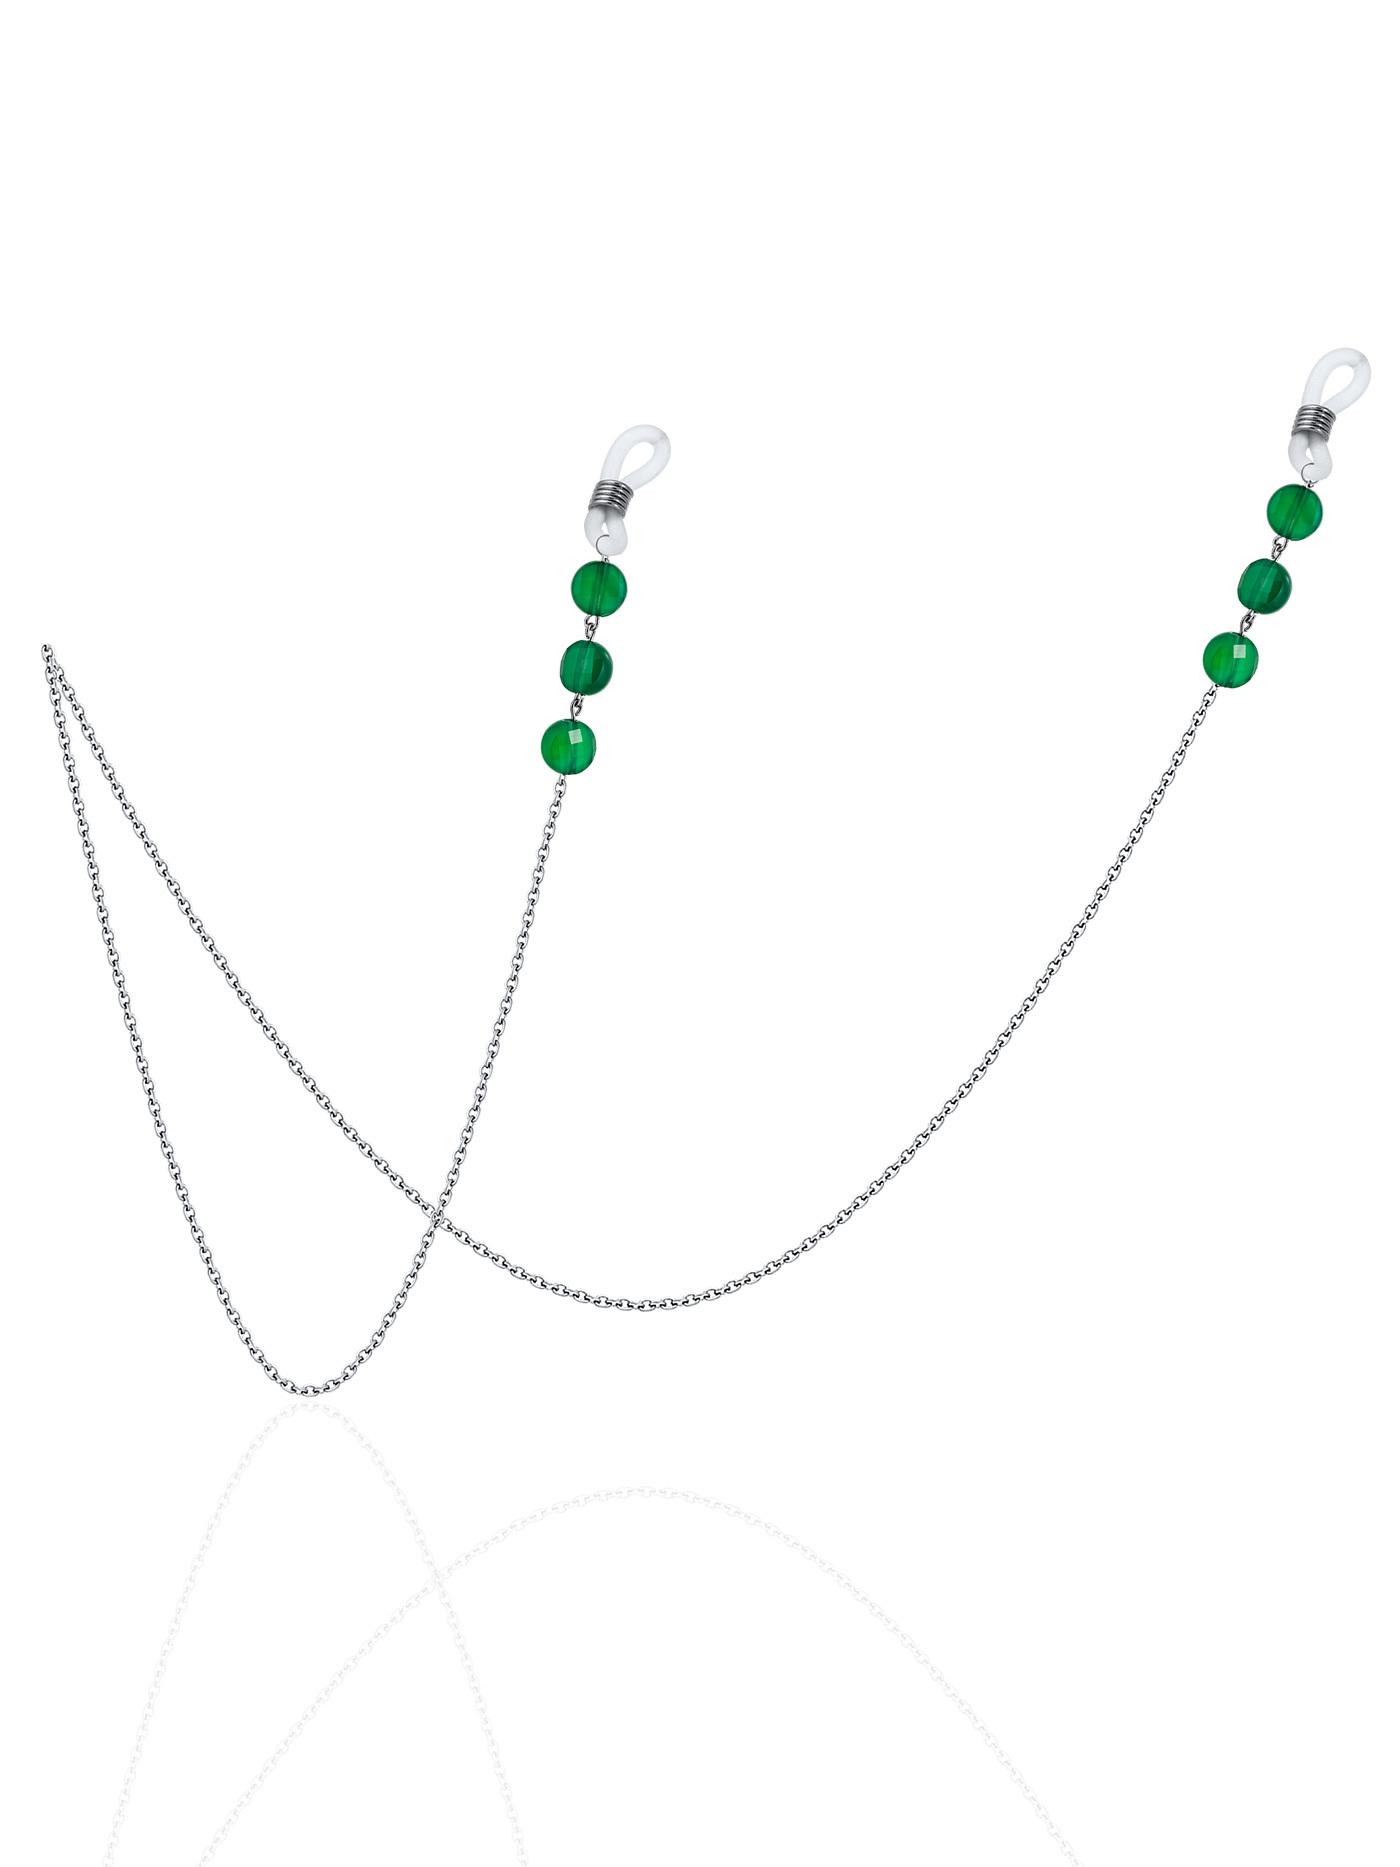 Цепочка для очков (горох) с зеленым агатом (табл. гран.)